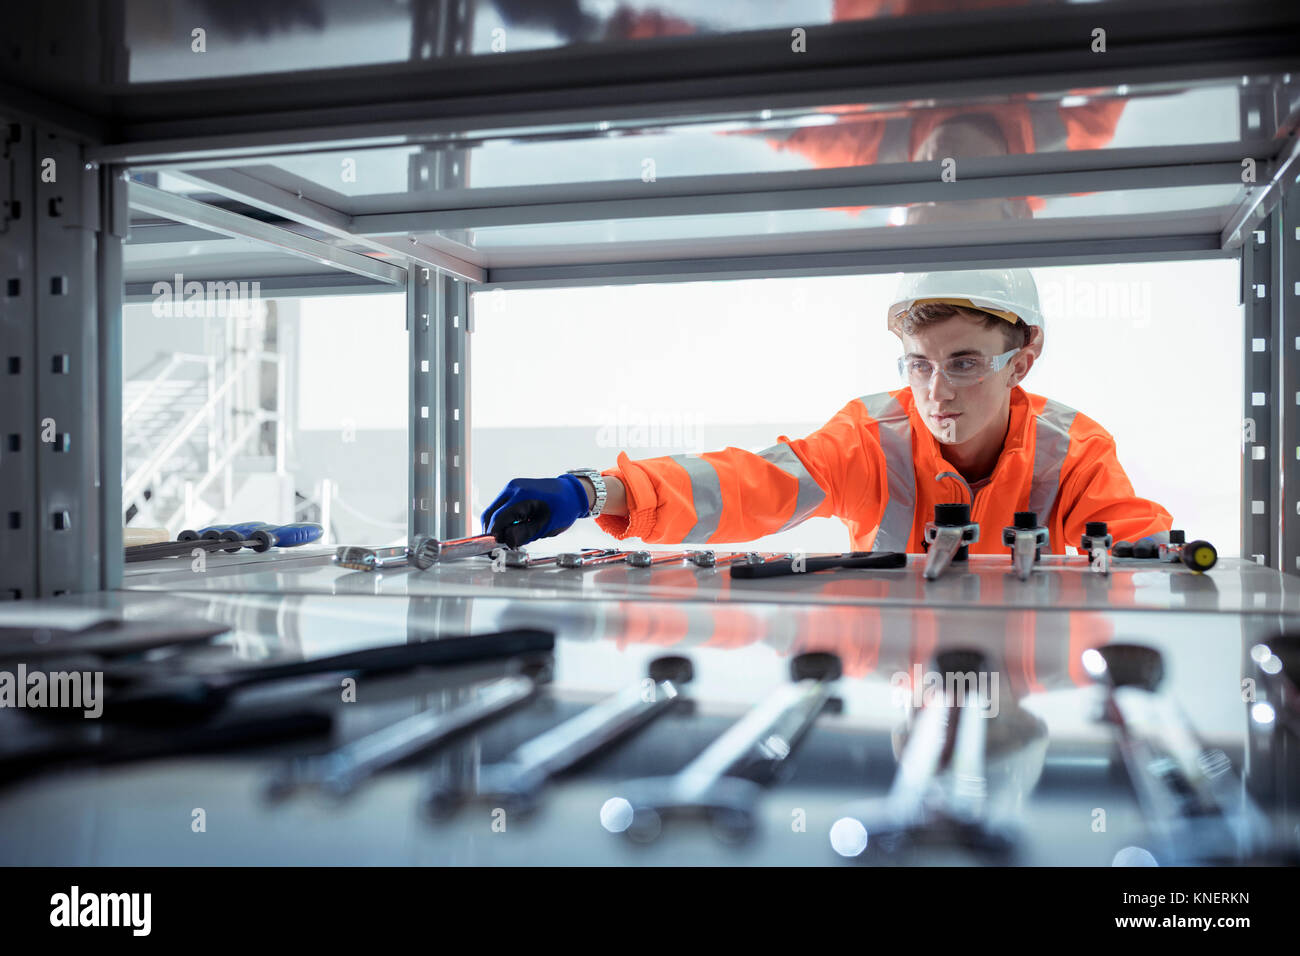 Apprendista selezionando Strumenti a railway engineering facility Immagini Stock